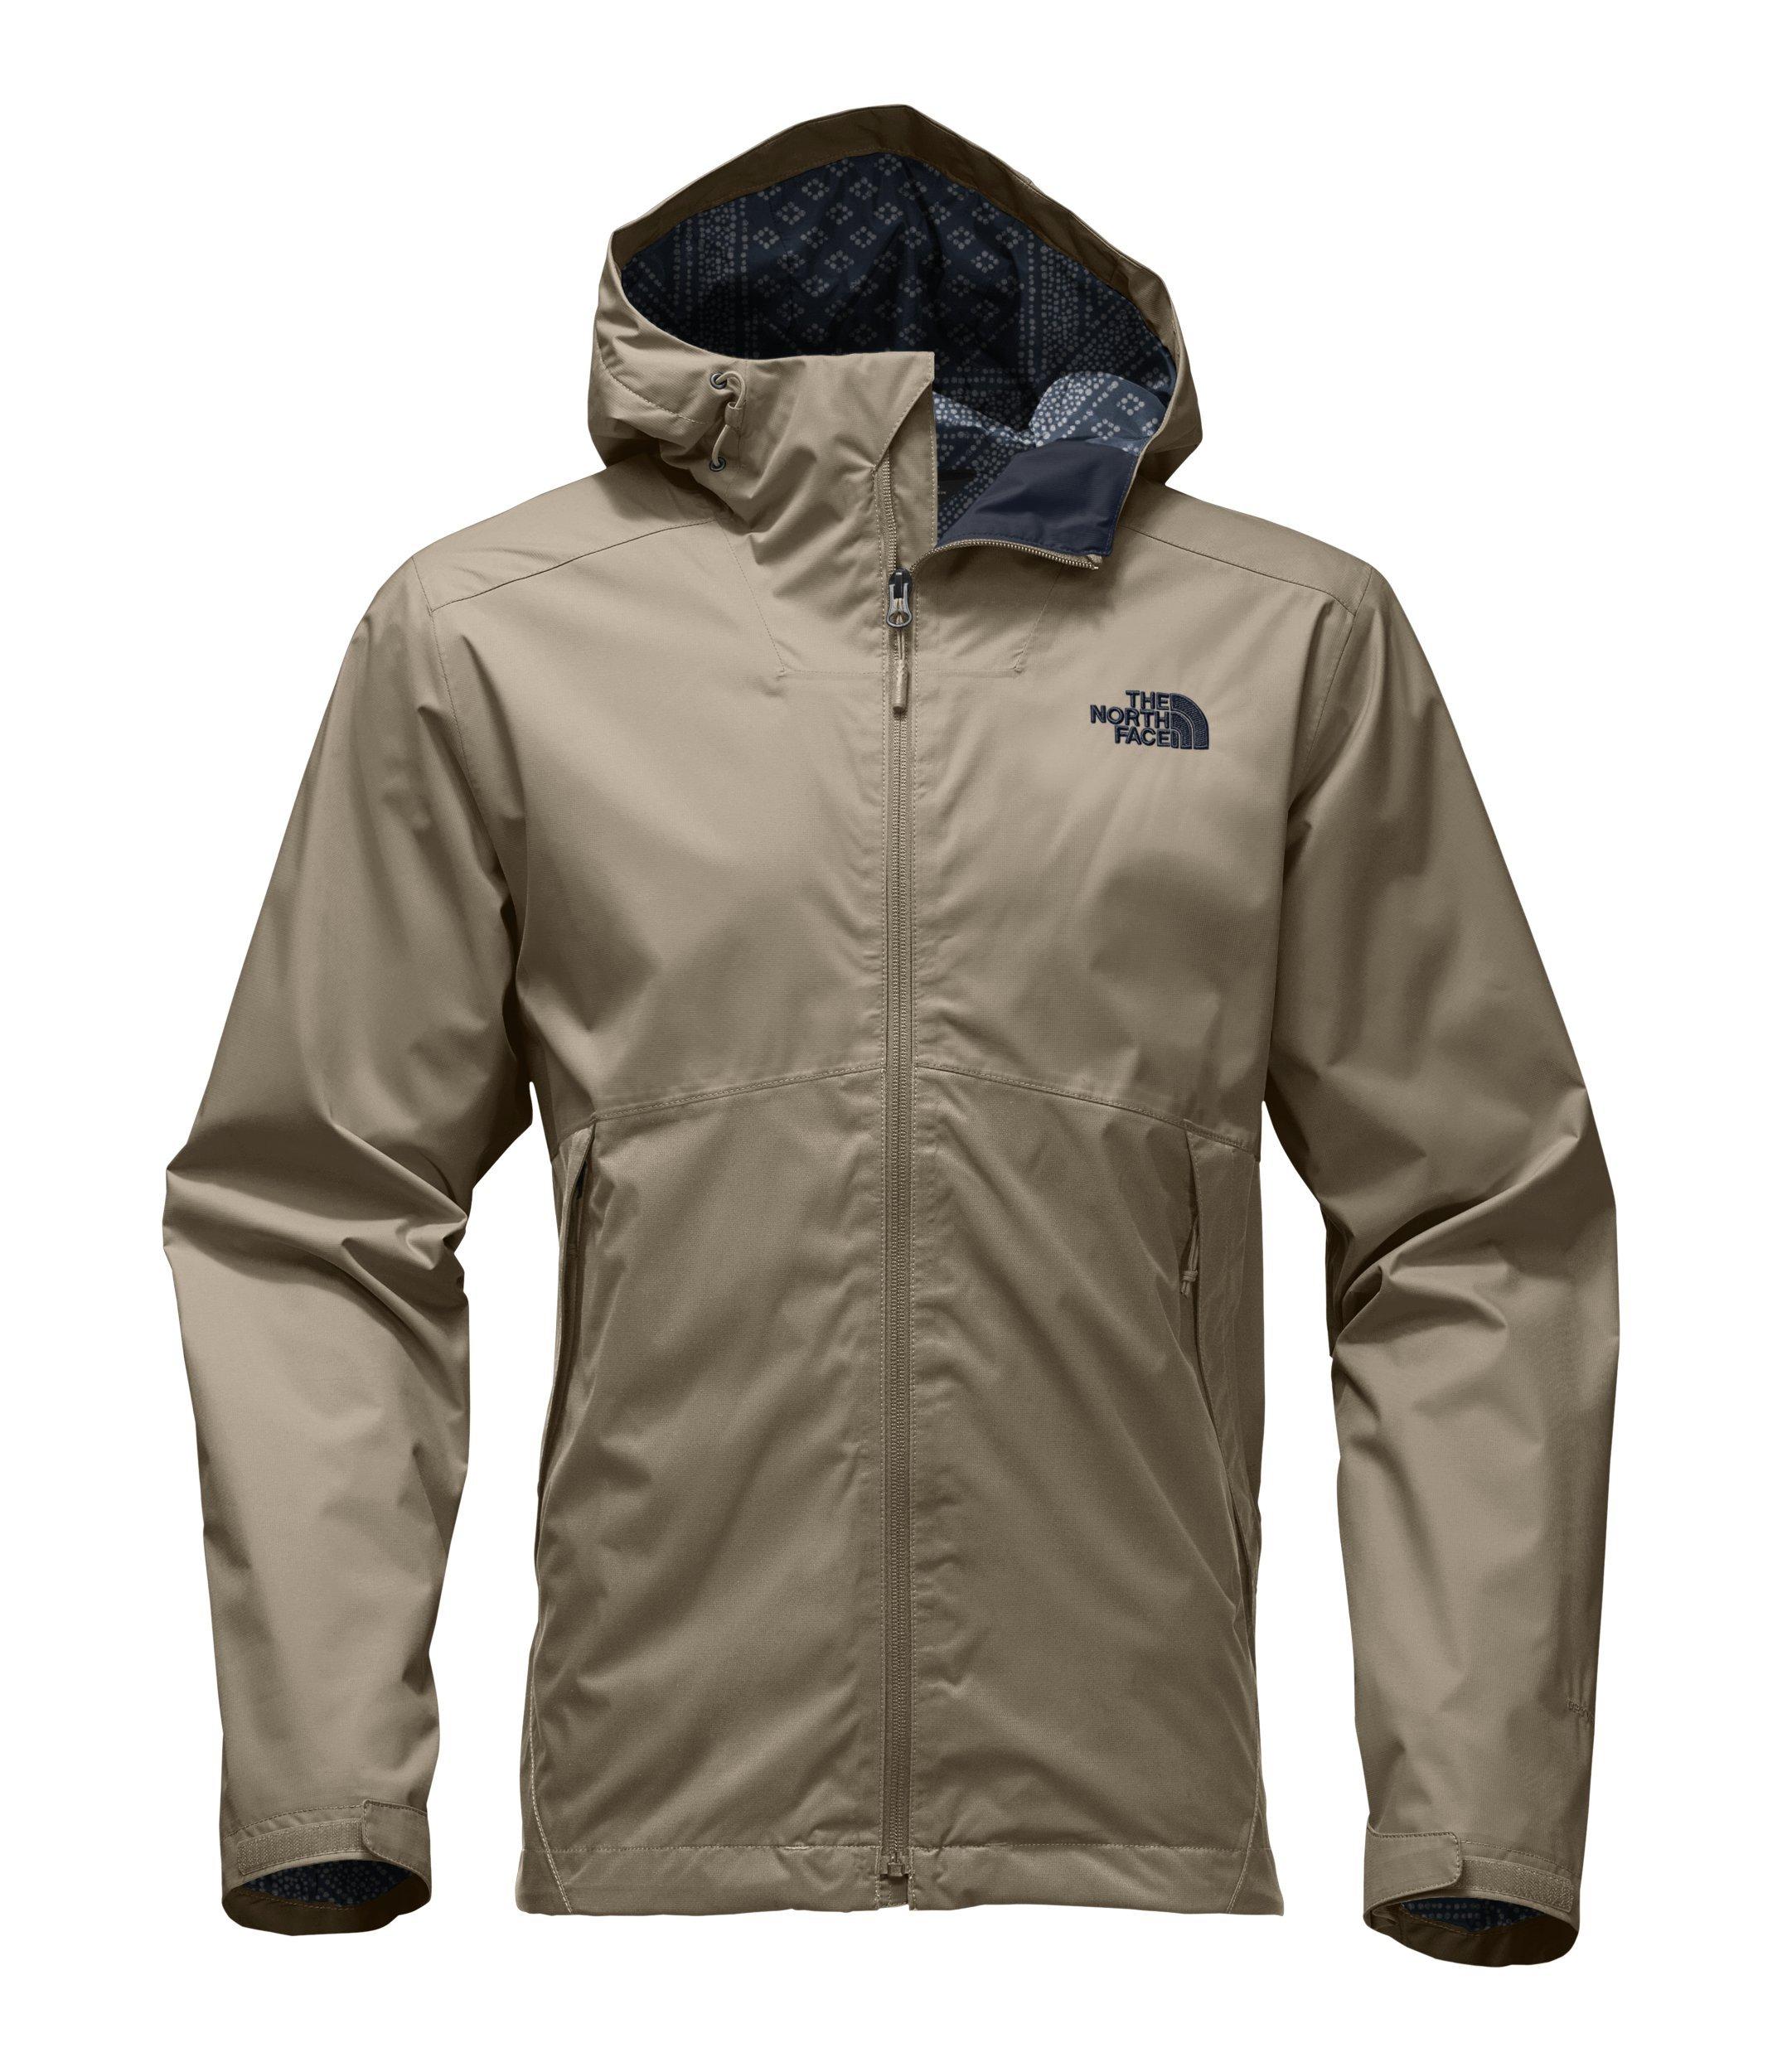 The North Face Men's Millerton Jacket - Dune Beige & Dune Beige - M